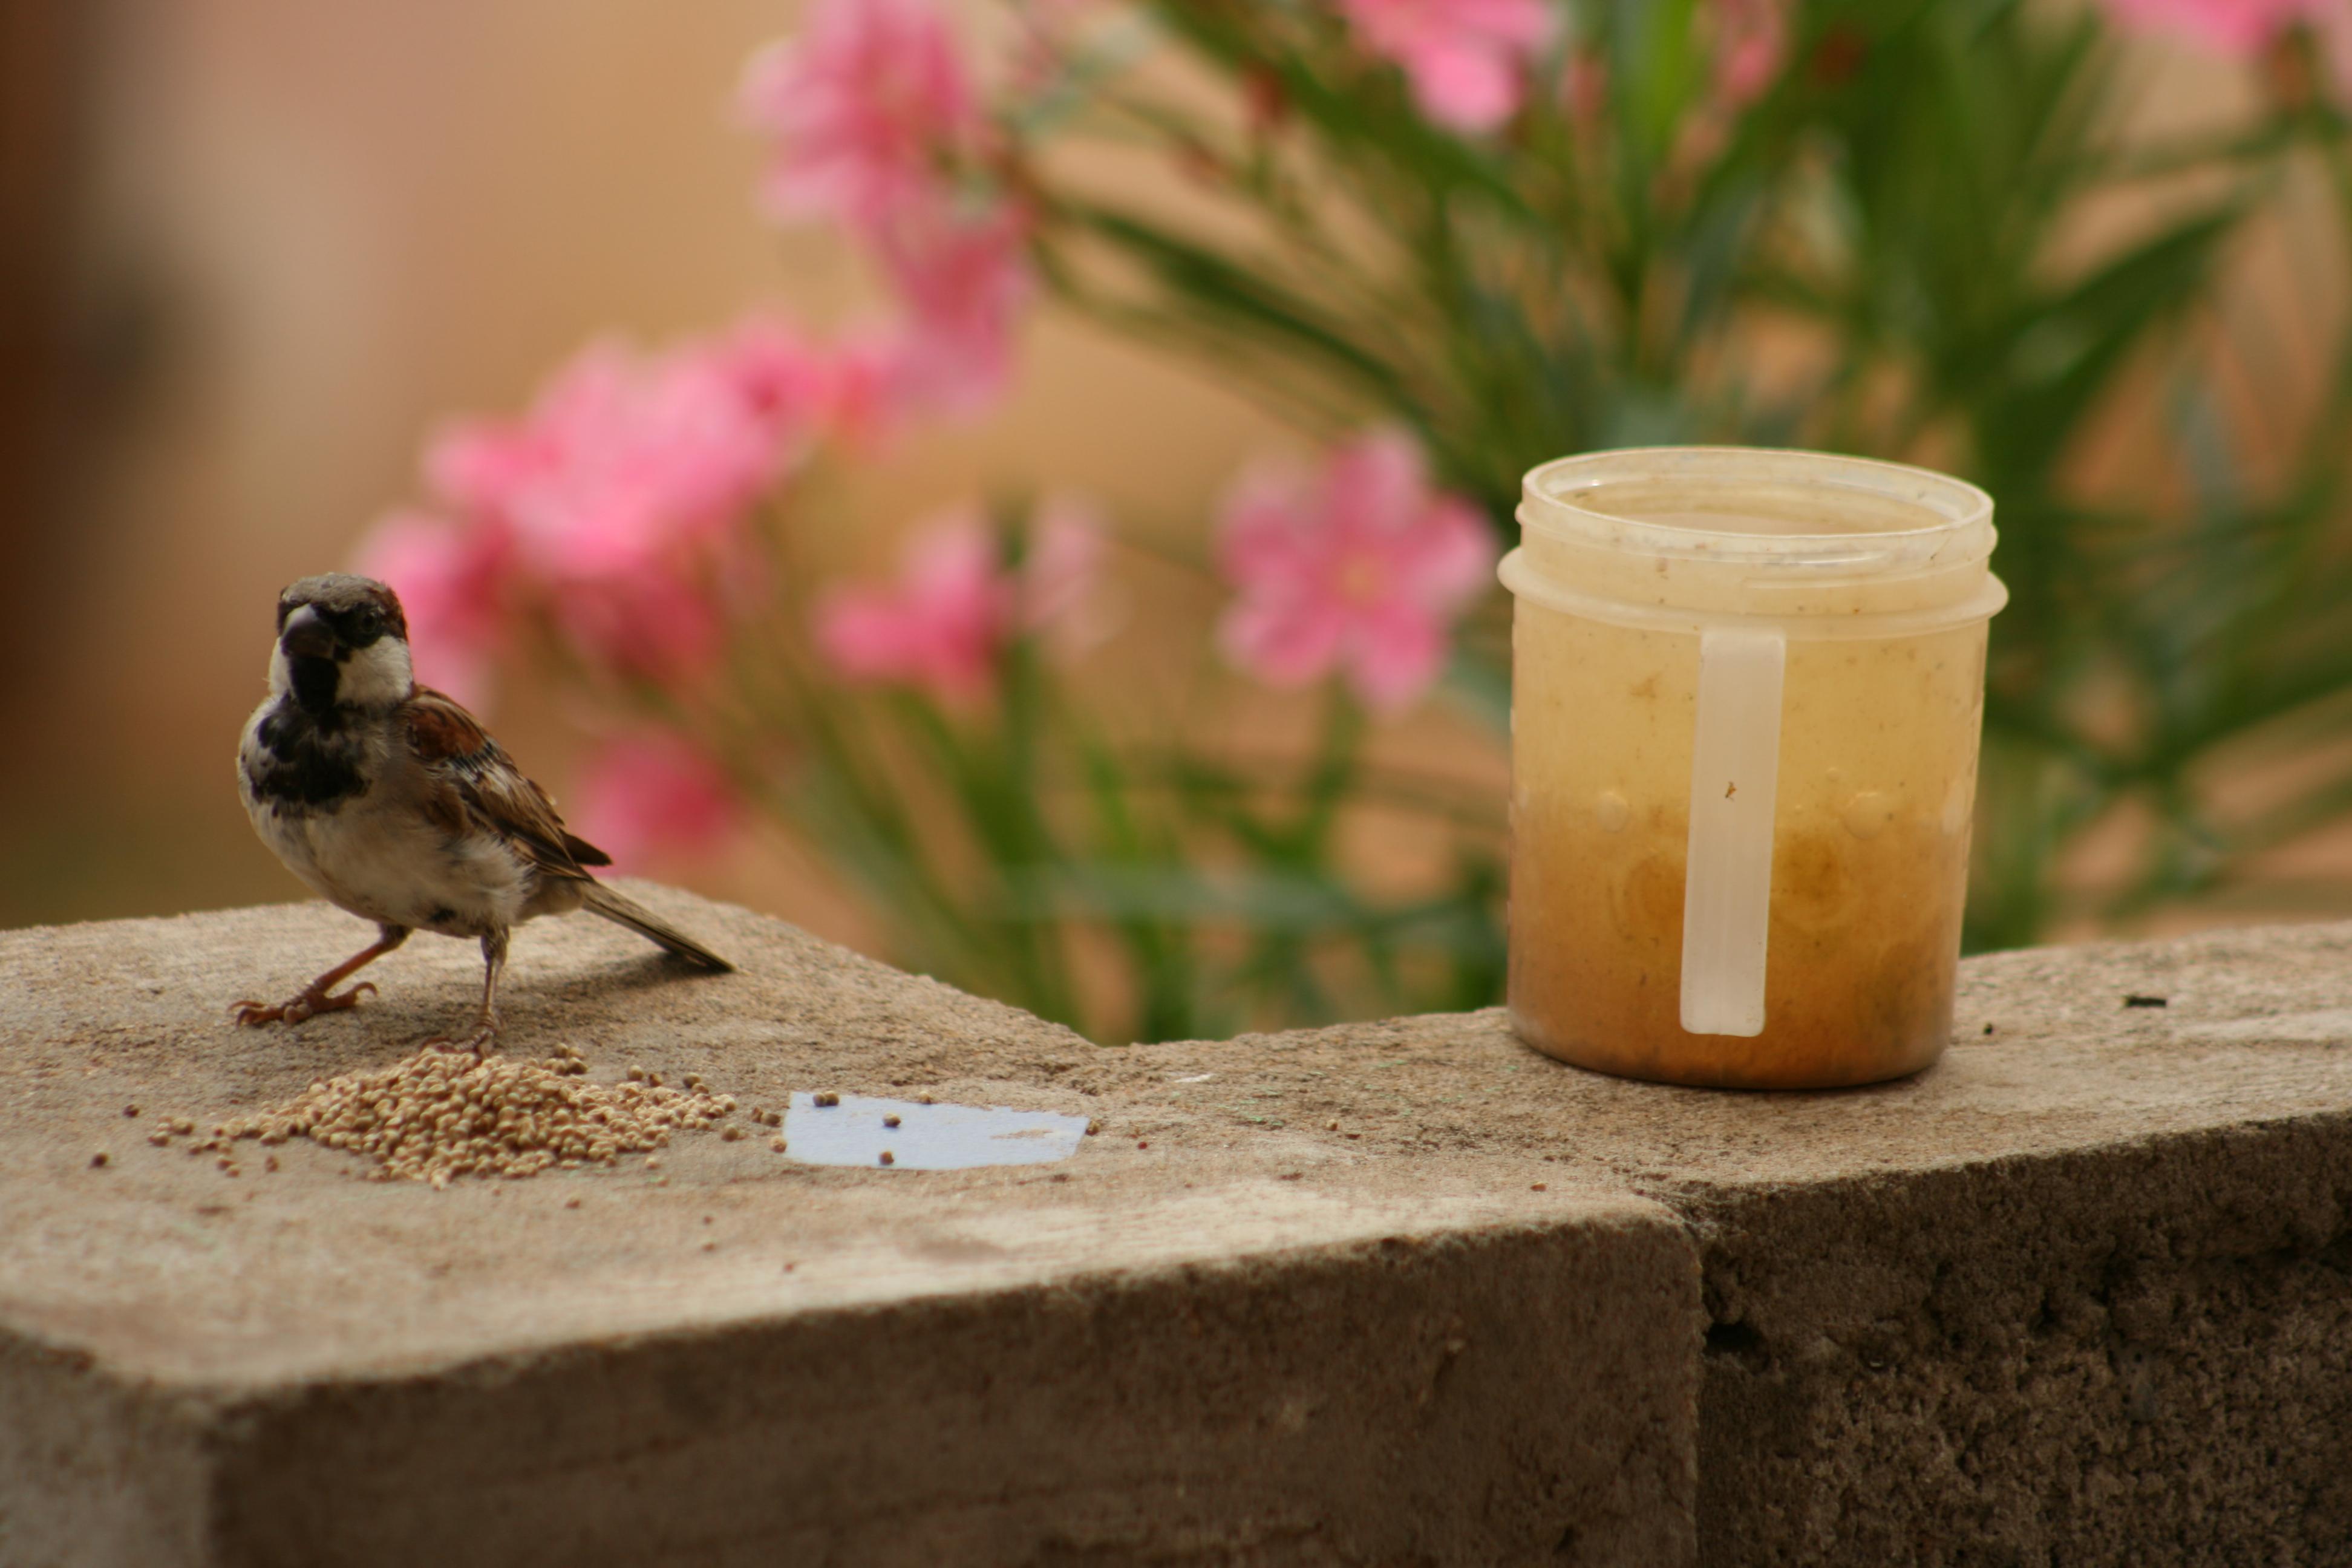 Description House Sparrow Male, Tamil Nadu, India.jpg